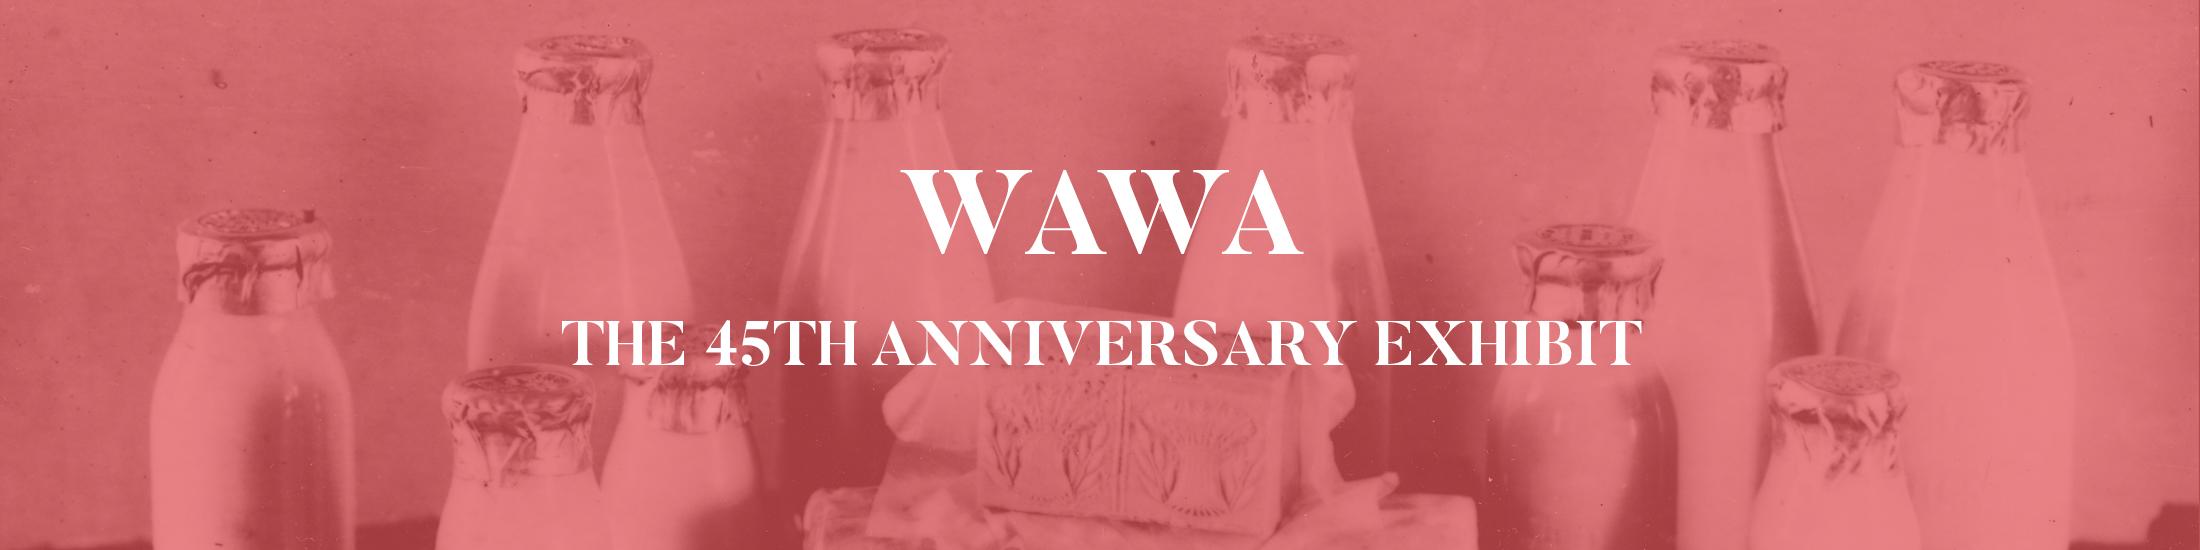 WAWA anniversary exhibit